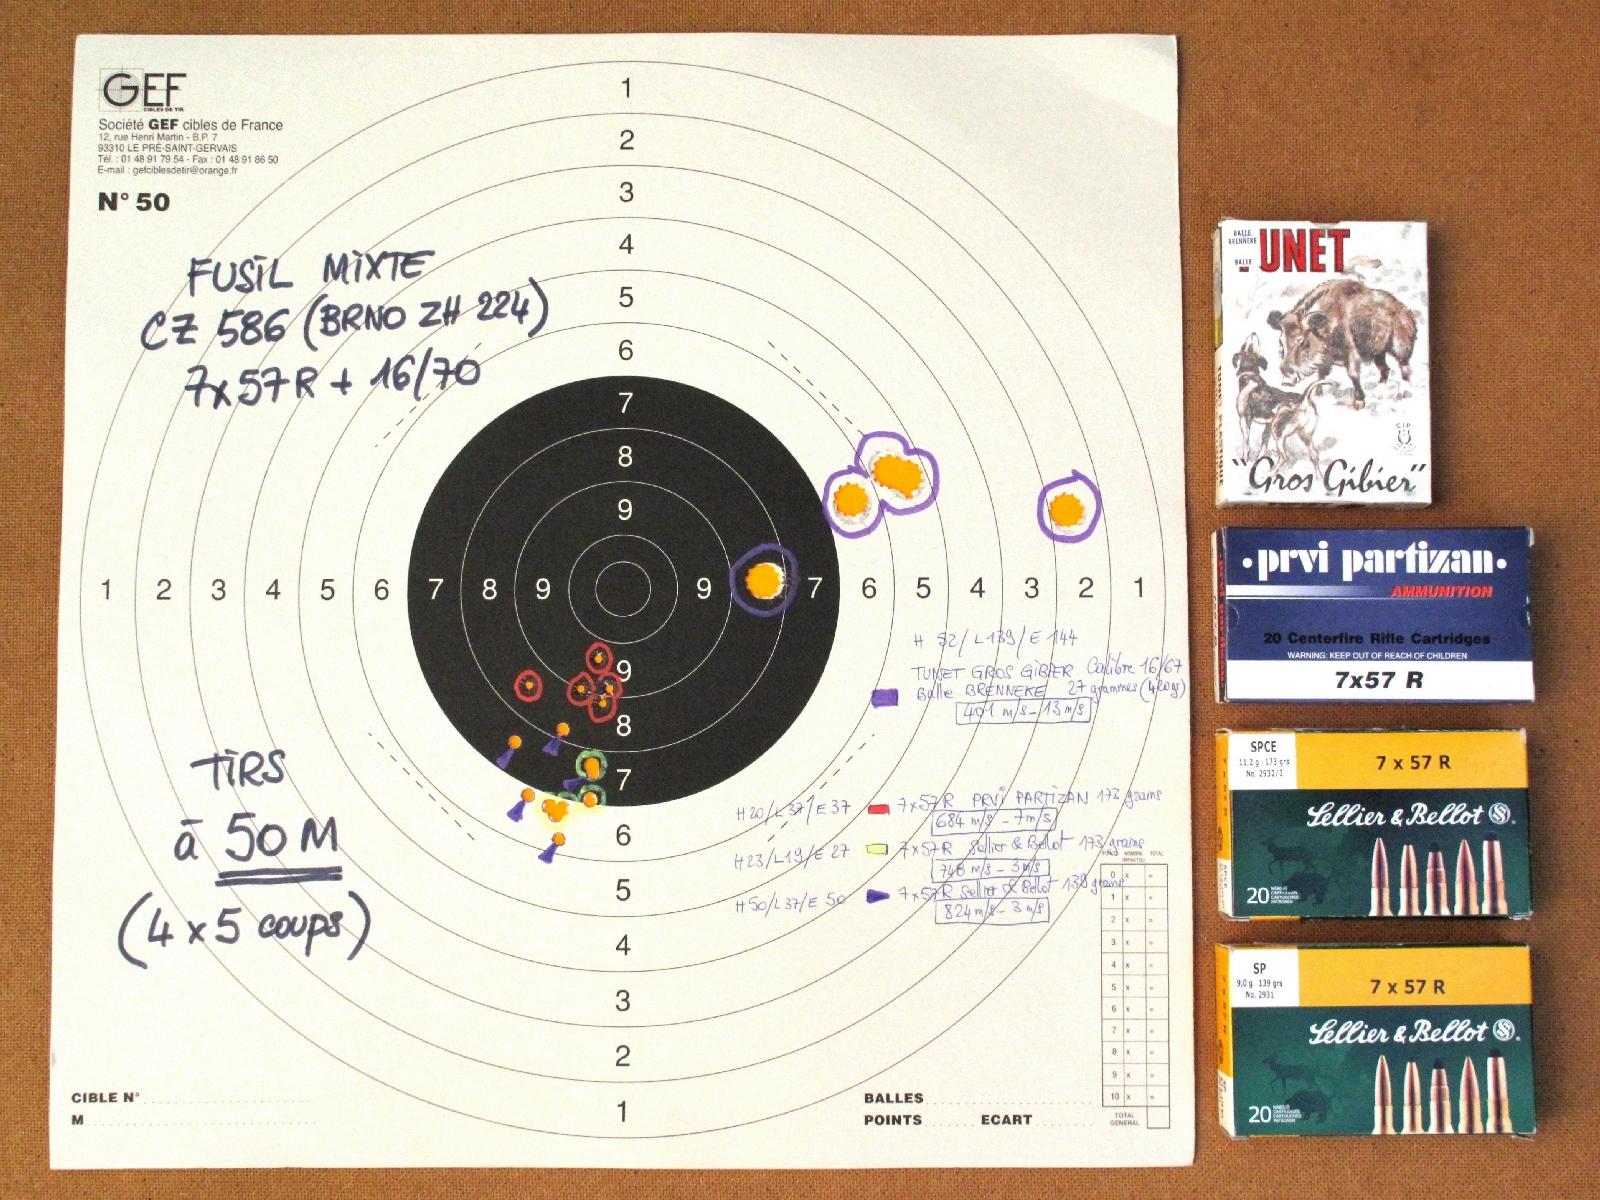 Groupements de cinq coups réalisés sur appui, à la distance de 50 m, avec trois munitions de calibre 7x57R tirées dans le canon rayé et une munition de calibre 16/67 à balle Brenneke tirée dans le canon lisse.